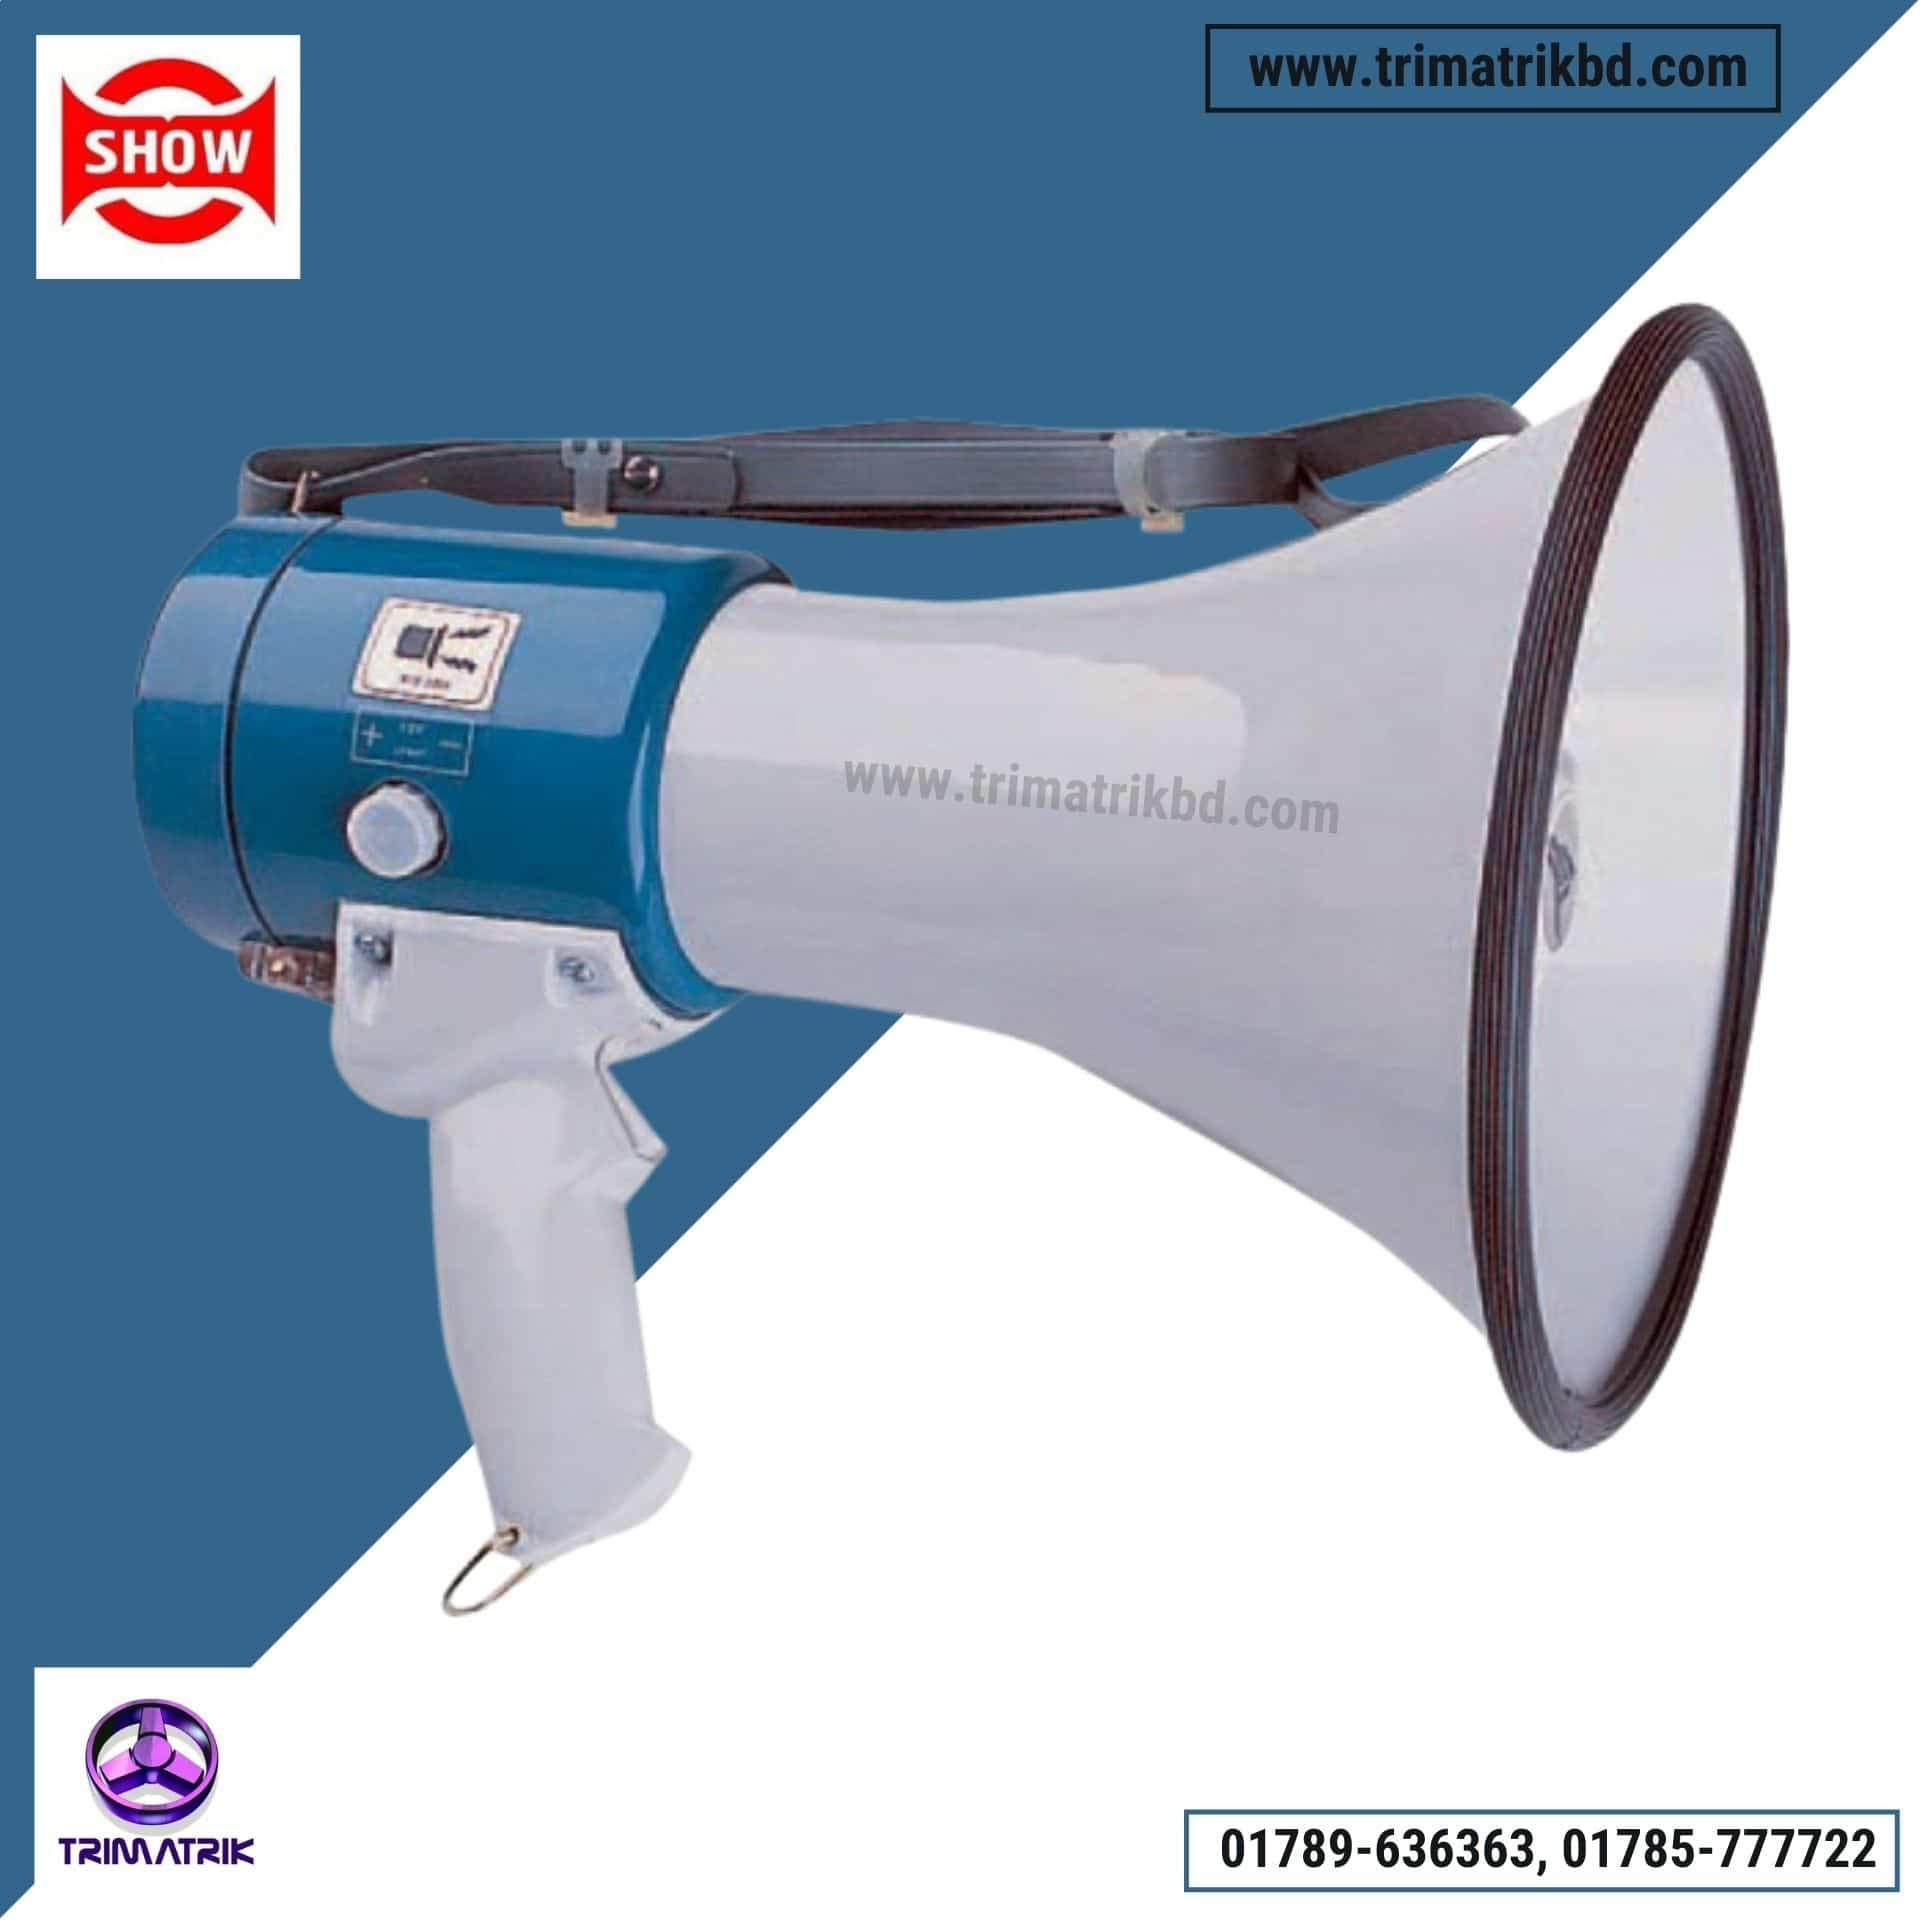 Show ER-66 Bangladesh